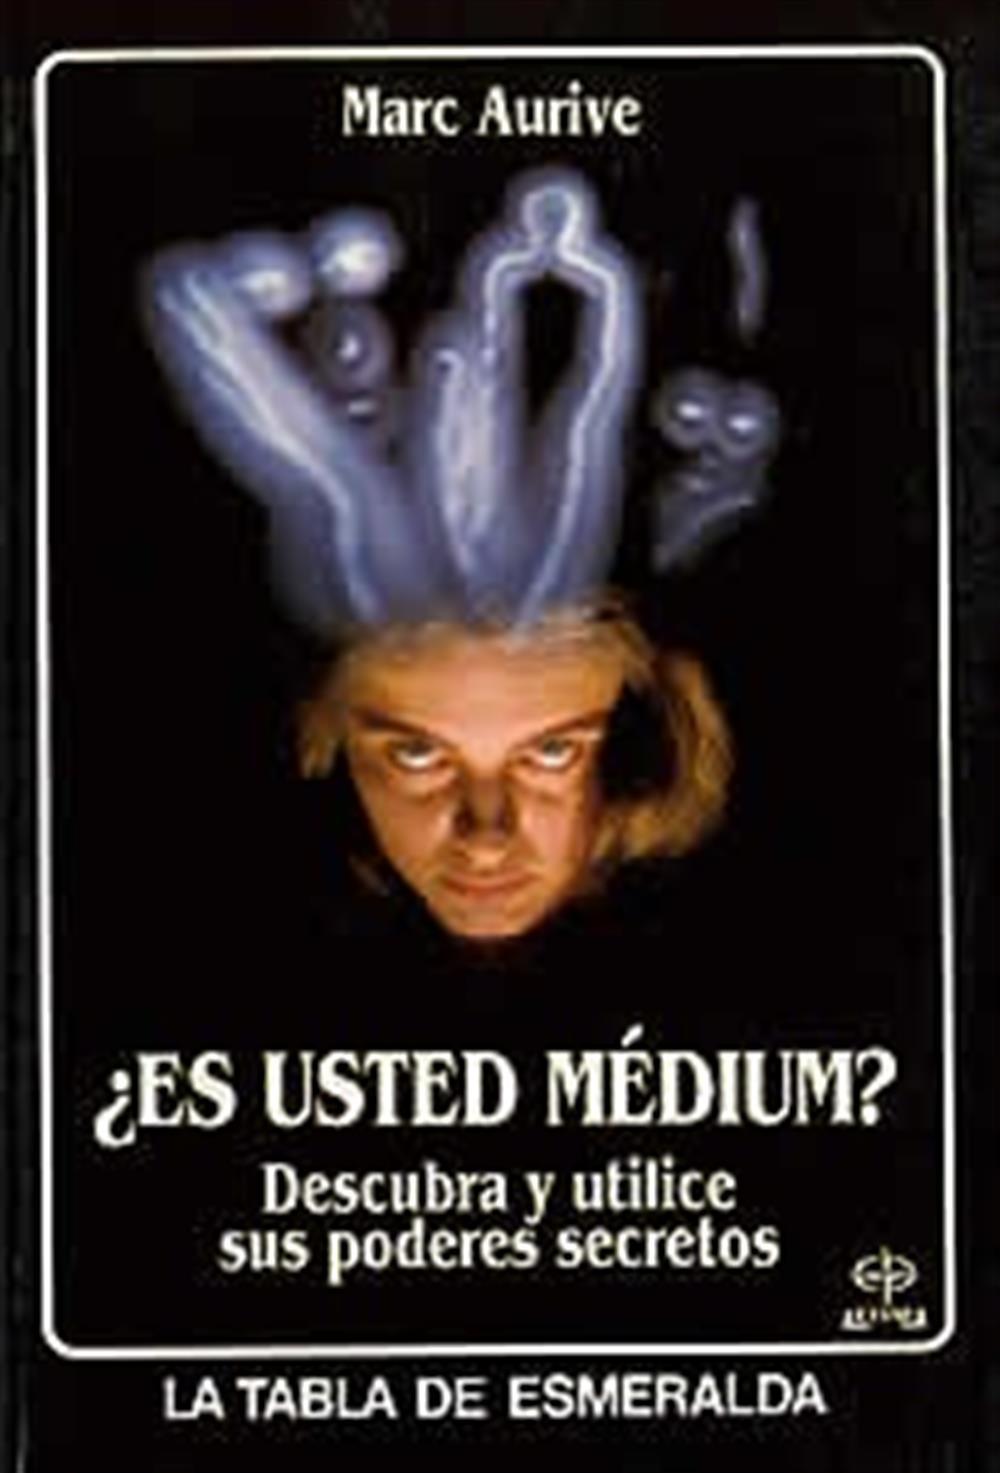 ¿Es usted médium?- Descubre y utilice sus poderes secretos